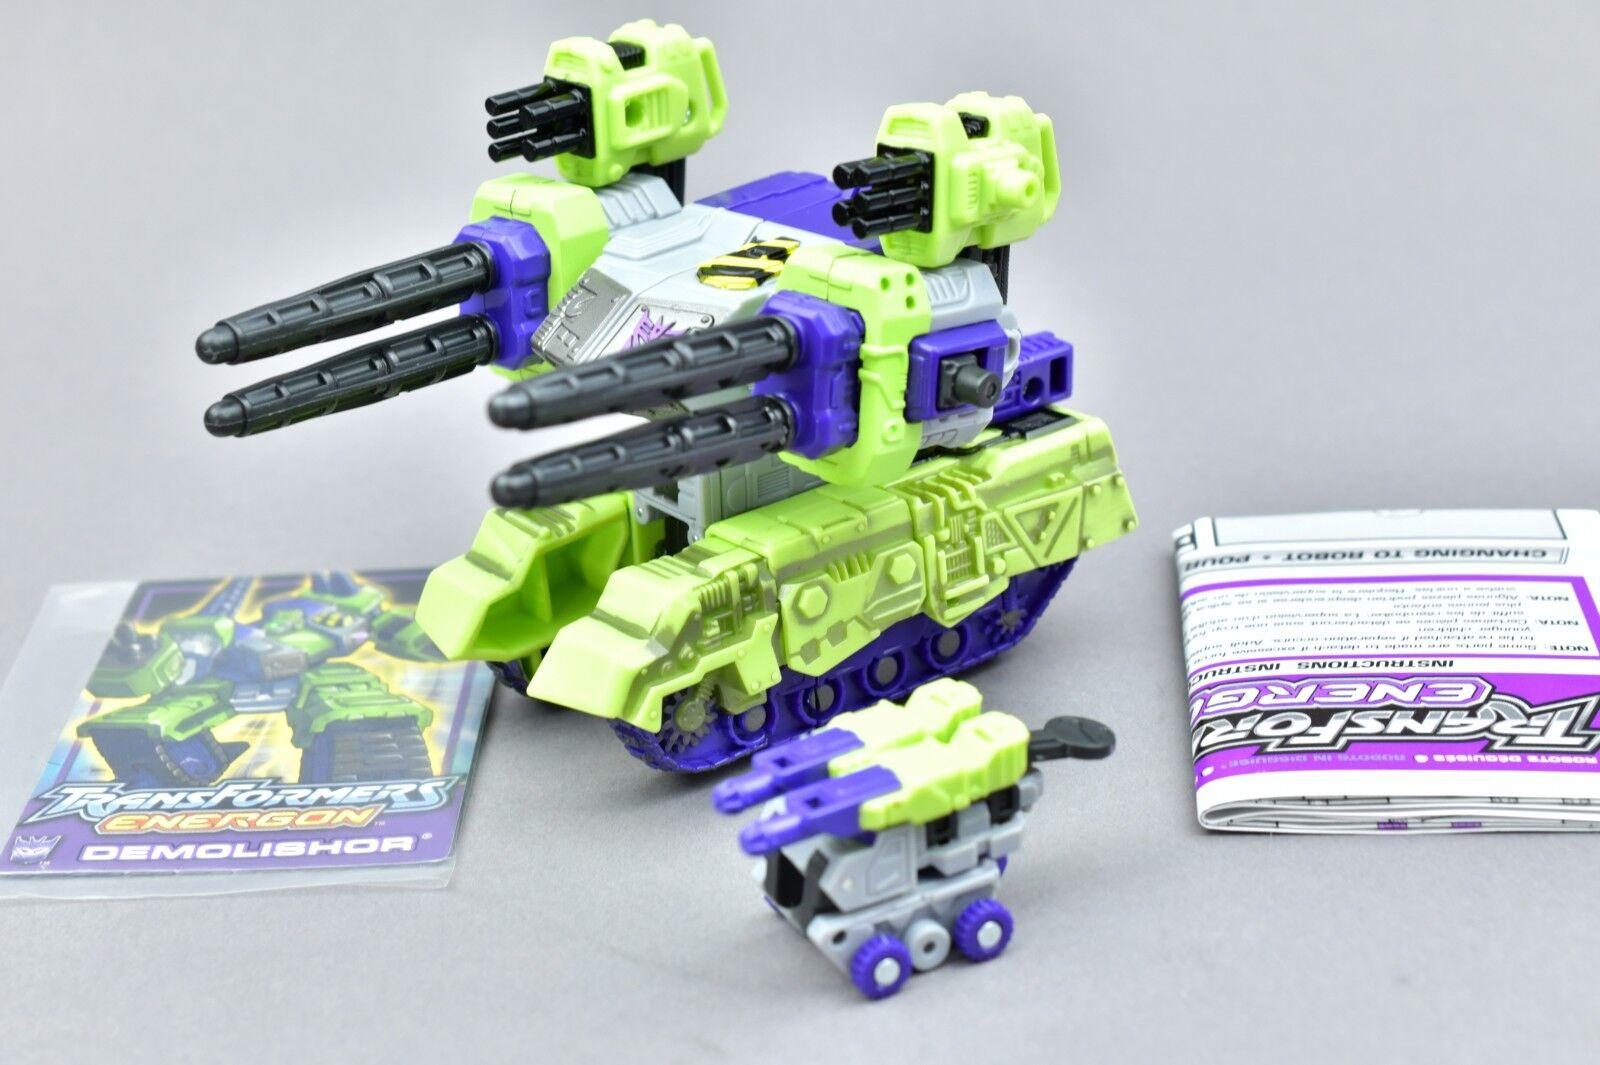 Transformers Energon Demolishor Complete Deluxe KB Exclusive